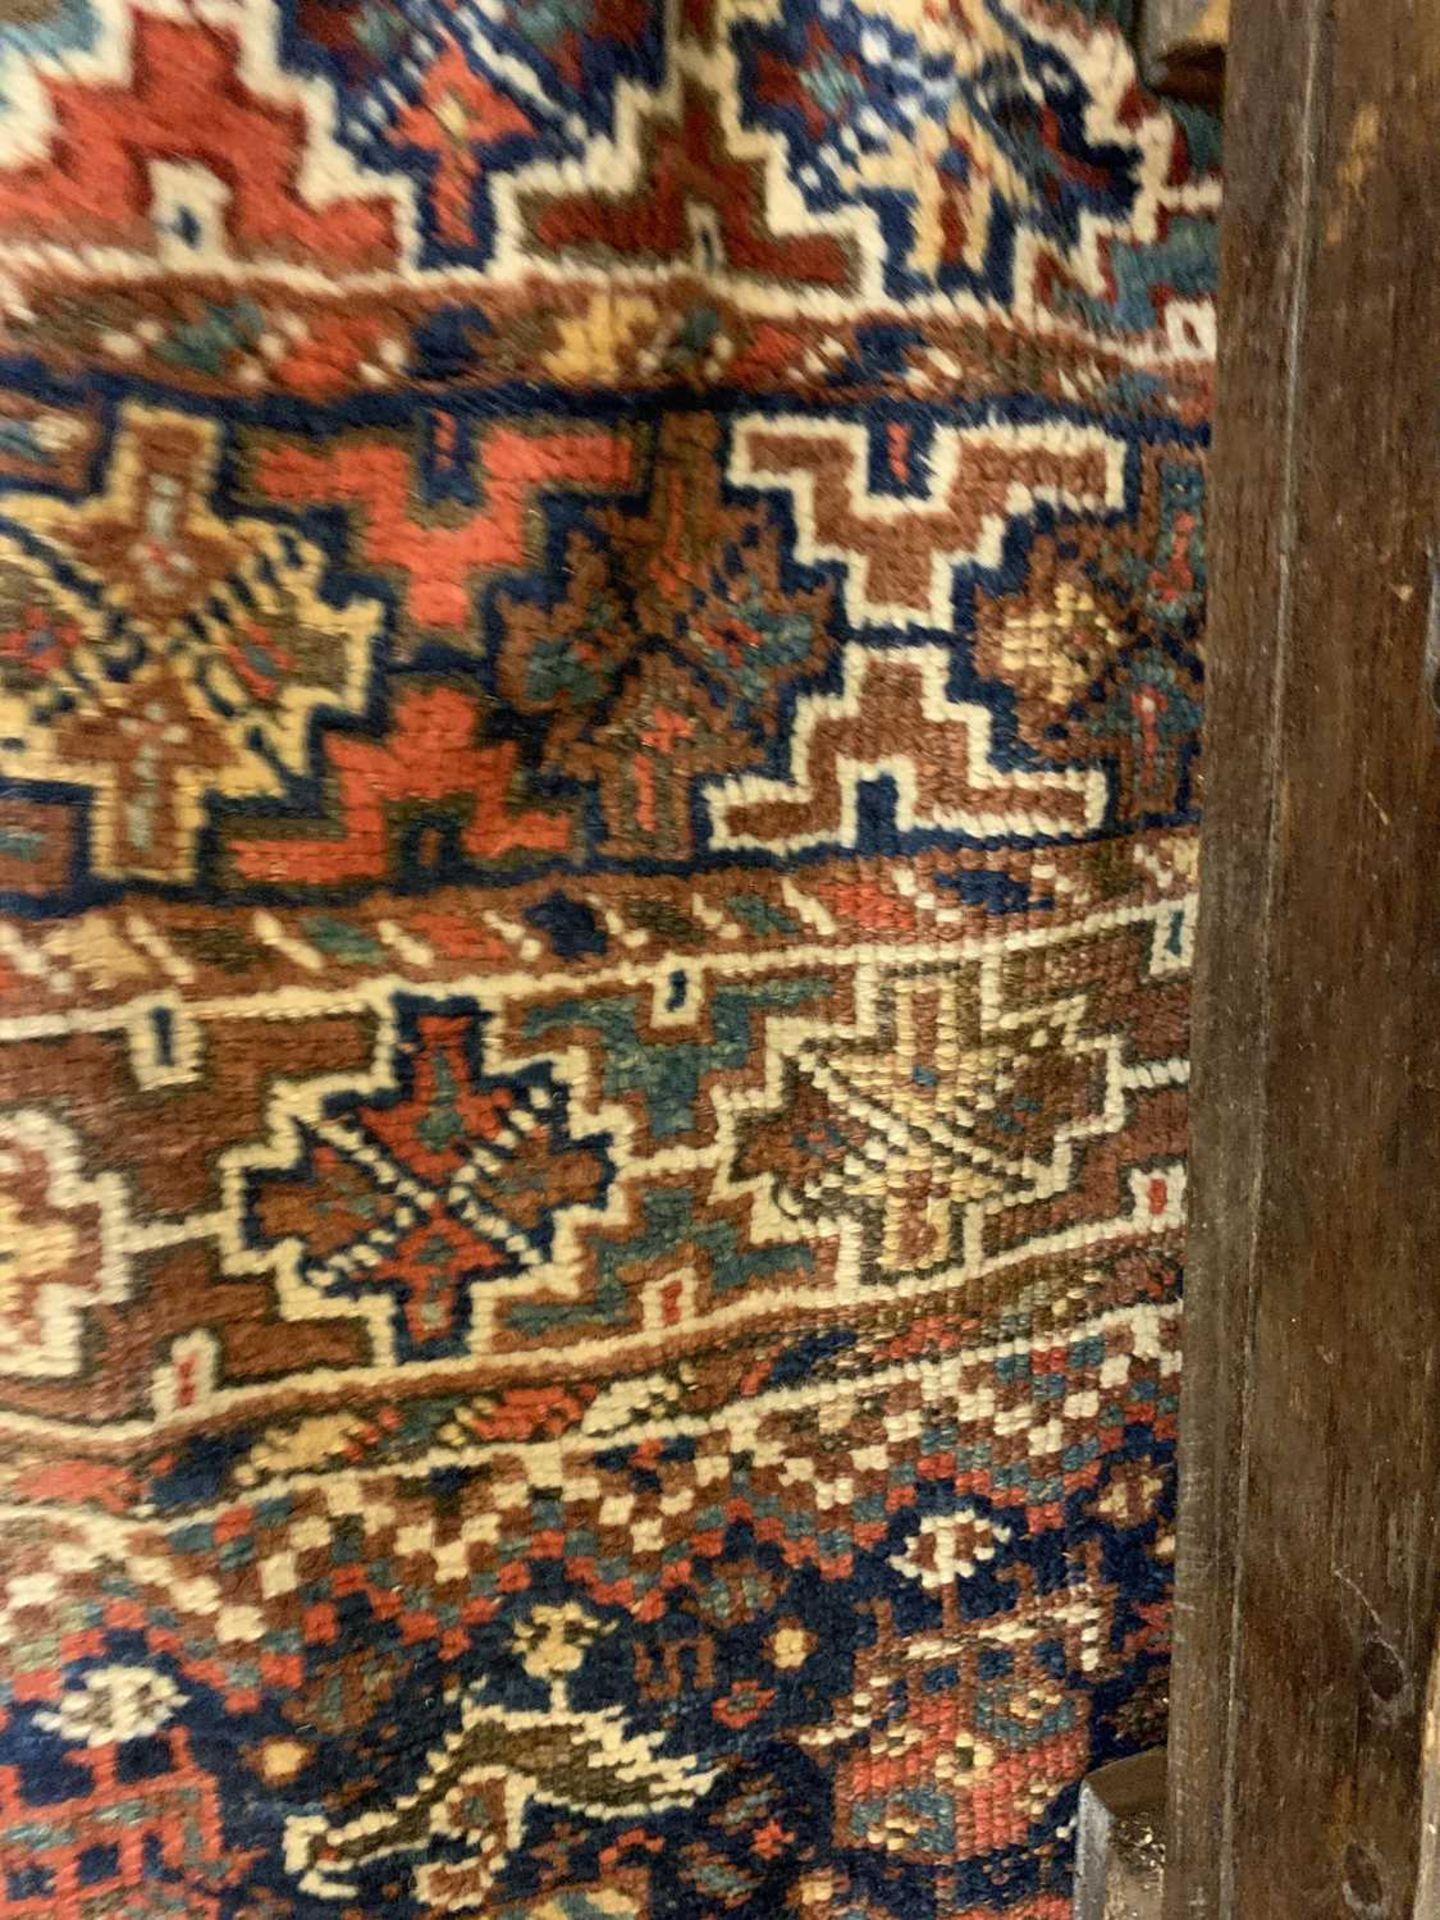 A Persian Khamseh carpet, - Image 5 of 15